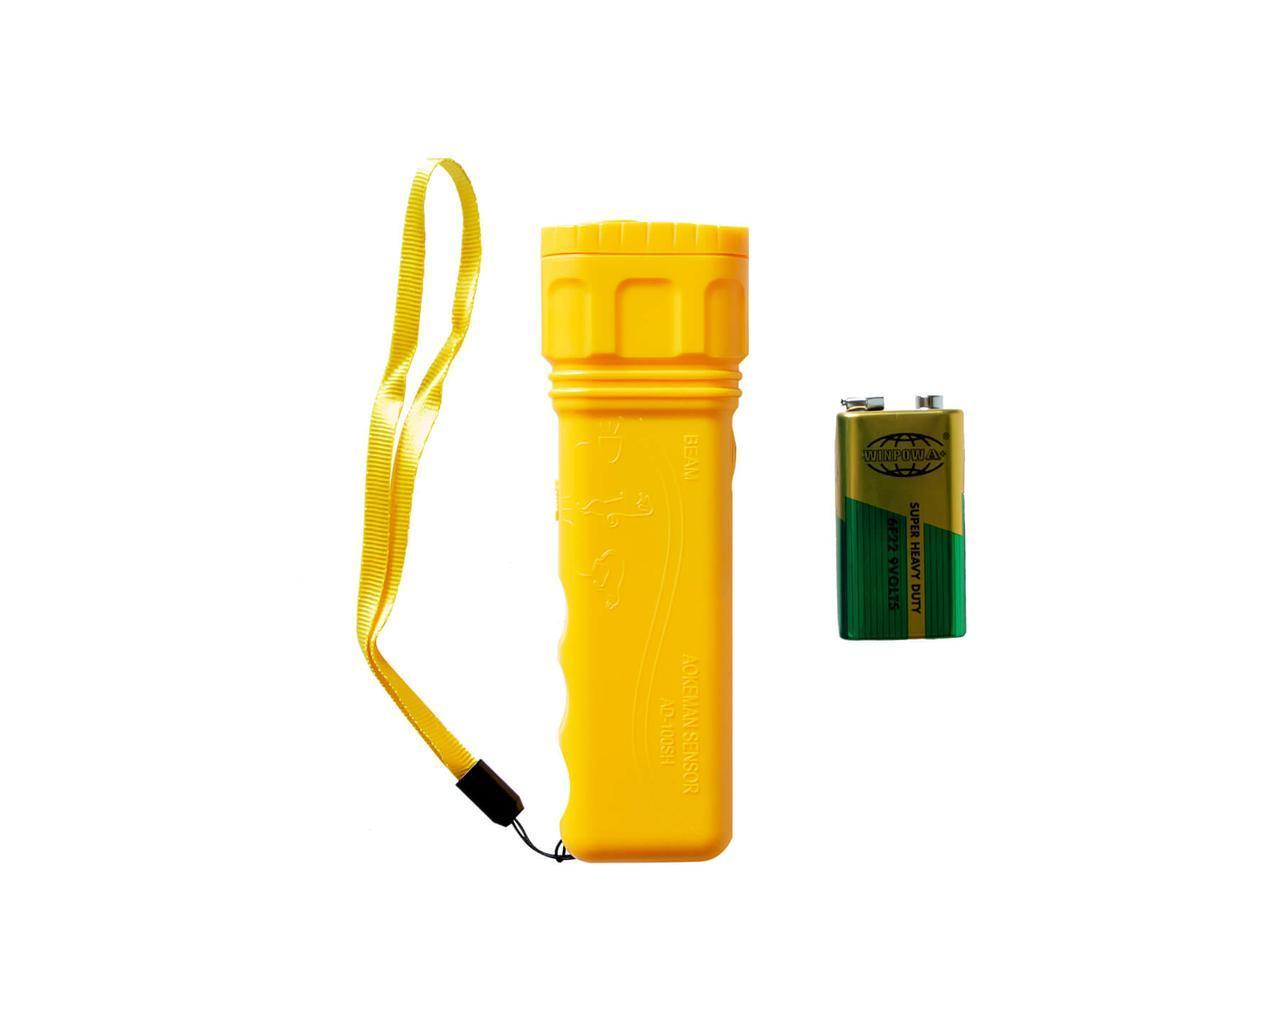 Ультразвуковой отпугиватель собак Aokeman Sensor AD 100 SH 180 db Ultrasound (10315)